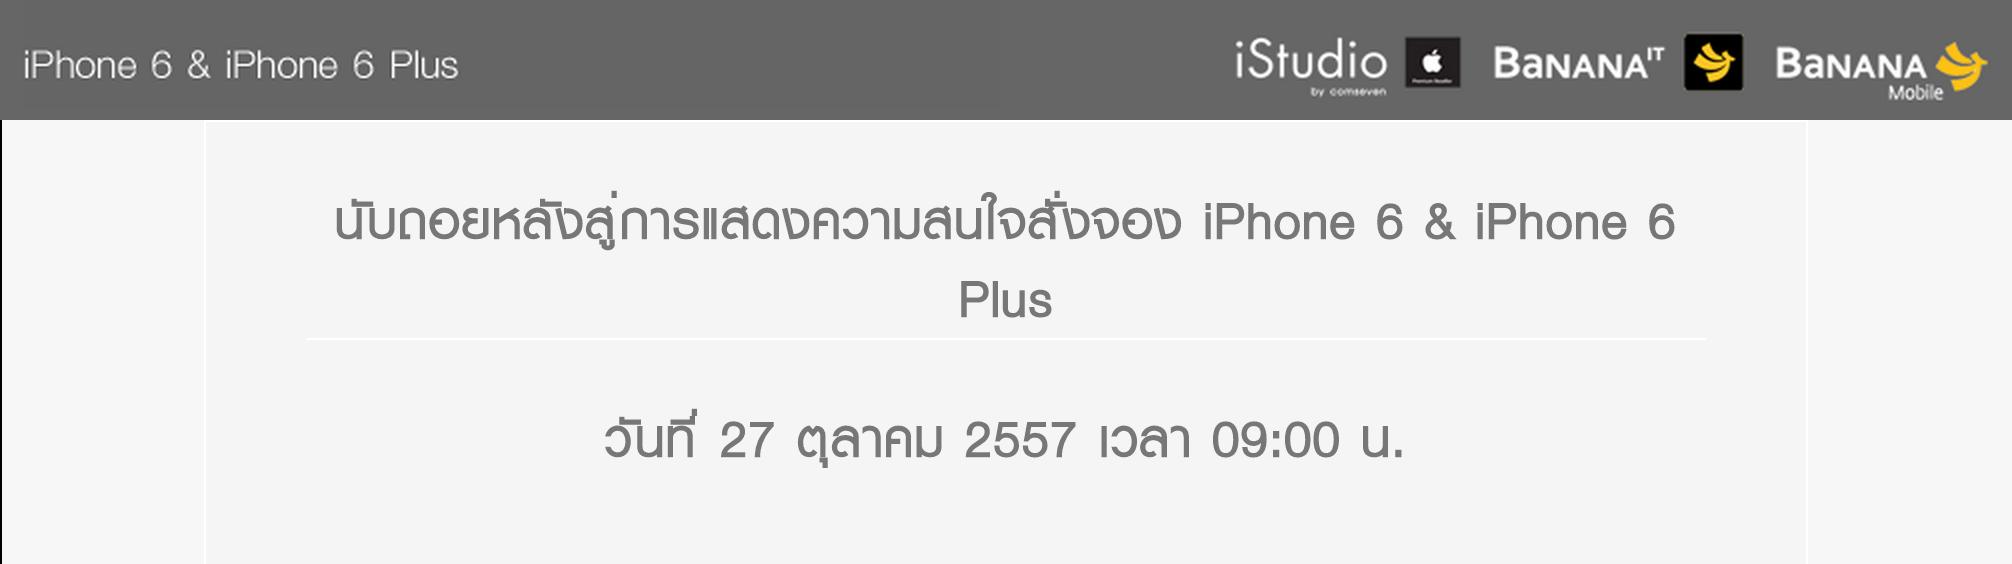 Screen Shot 2557-10-25 at 14.09.11